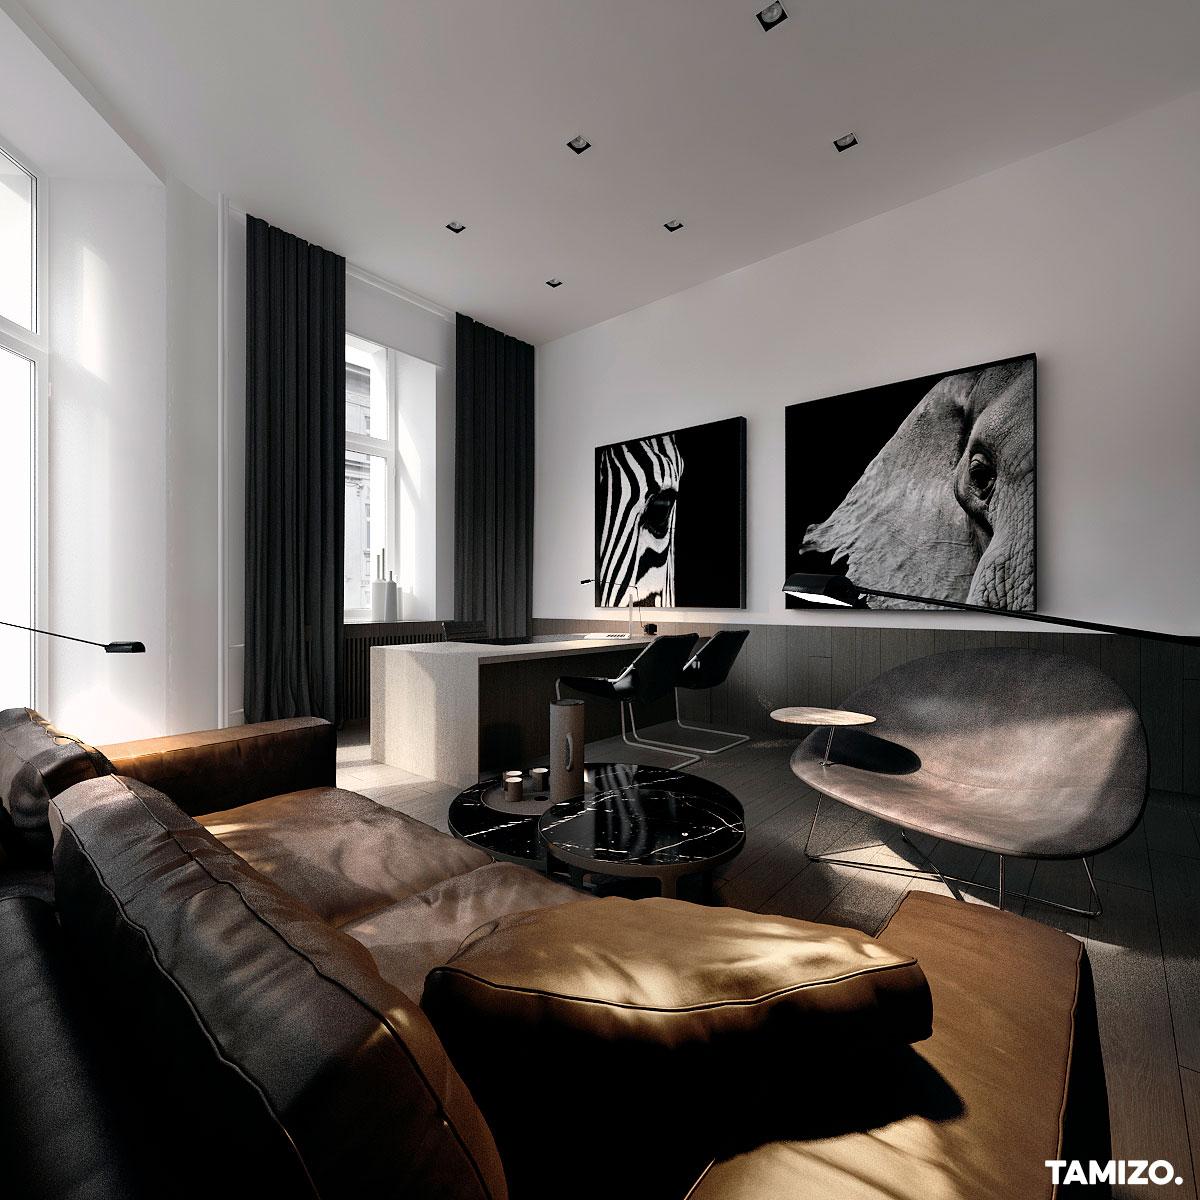 I060_tamizo_architekci_projekt_wnetrz_stara_kamienica_kancelaria_adwokacka_minimalizm_lodz_04